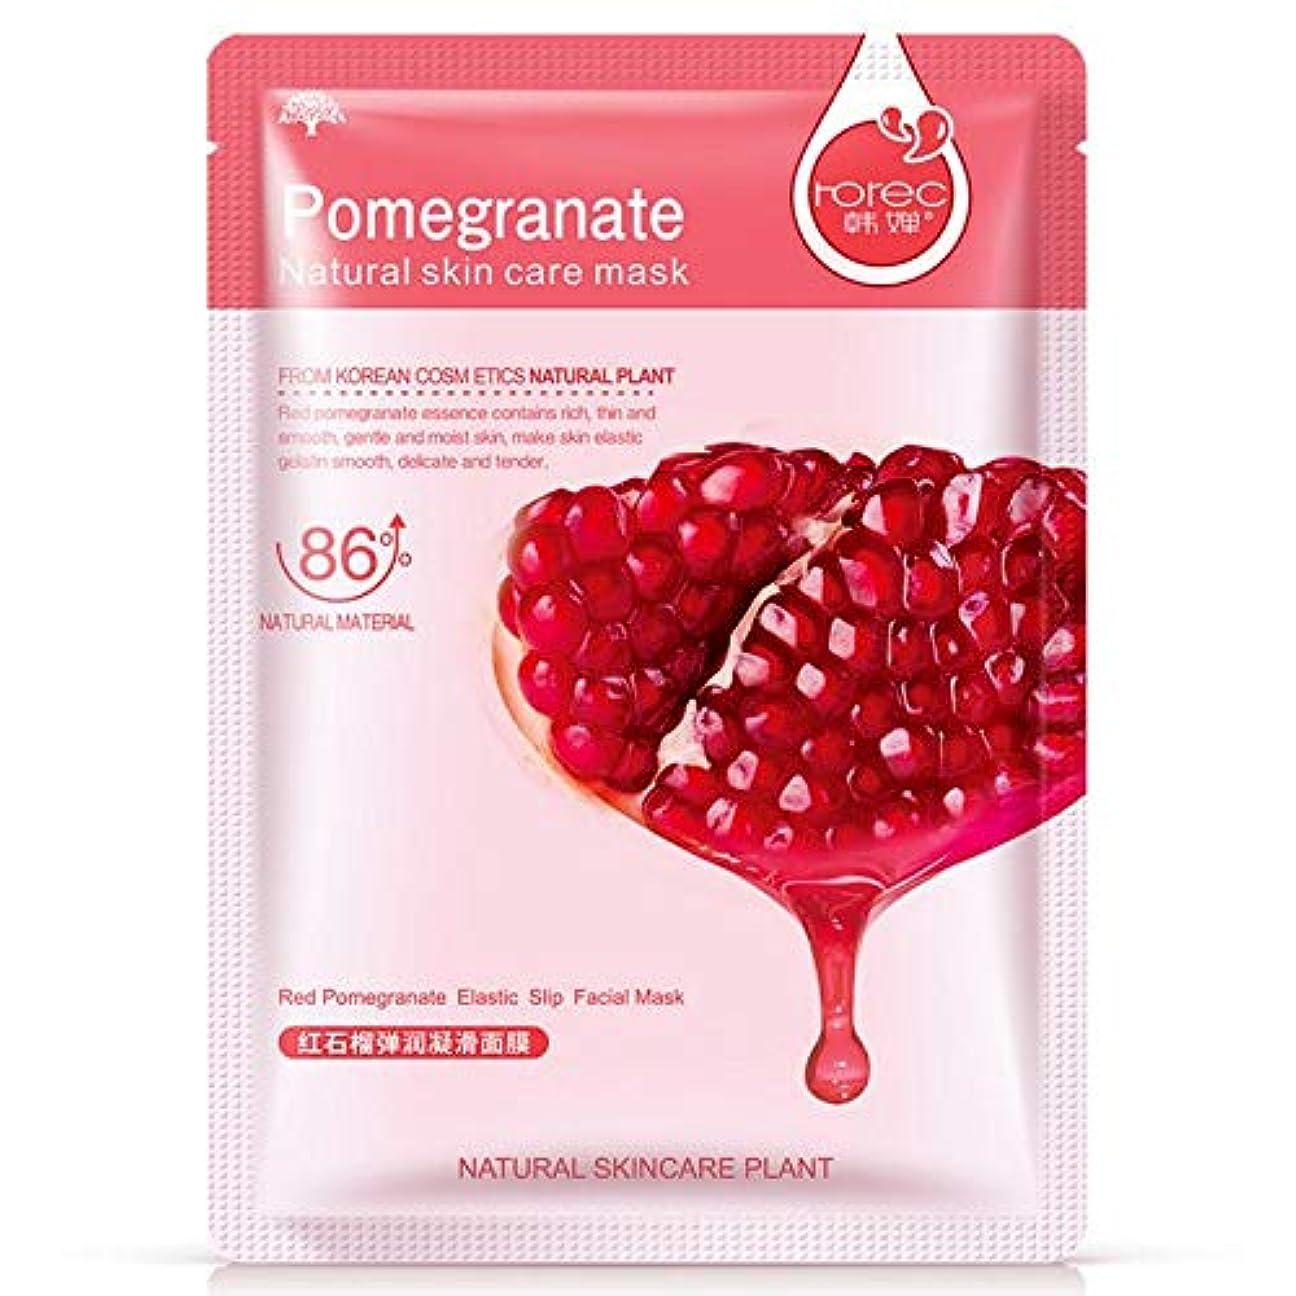 保守的セイはさておきバッフル(Pomegranate) Skin Care Plant Facial Mask Moisturizing Oil Control Blackhead Remover Wrapped Mask Face Mask Face...